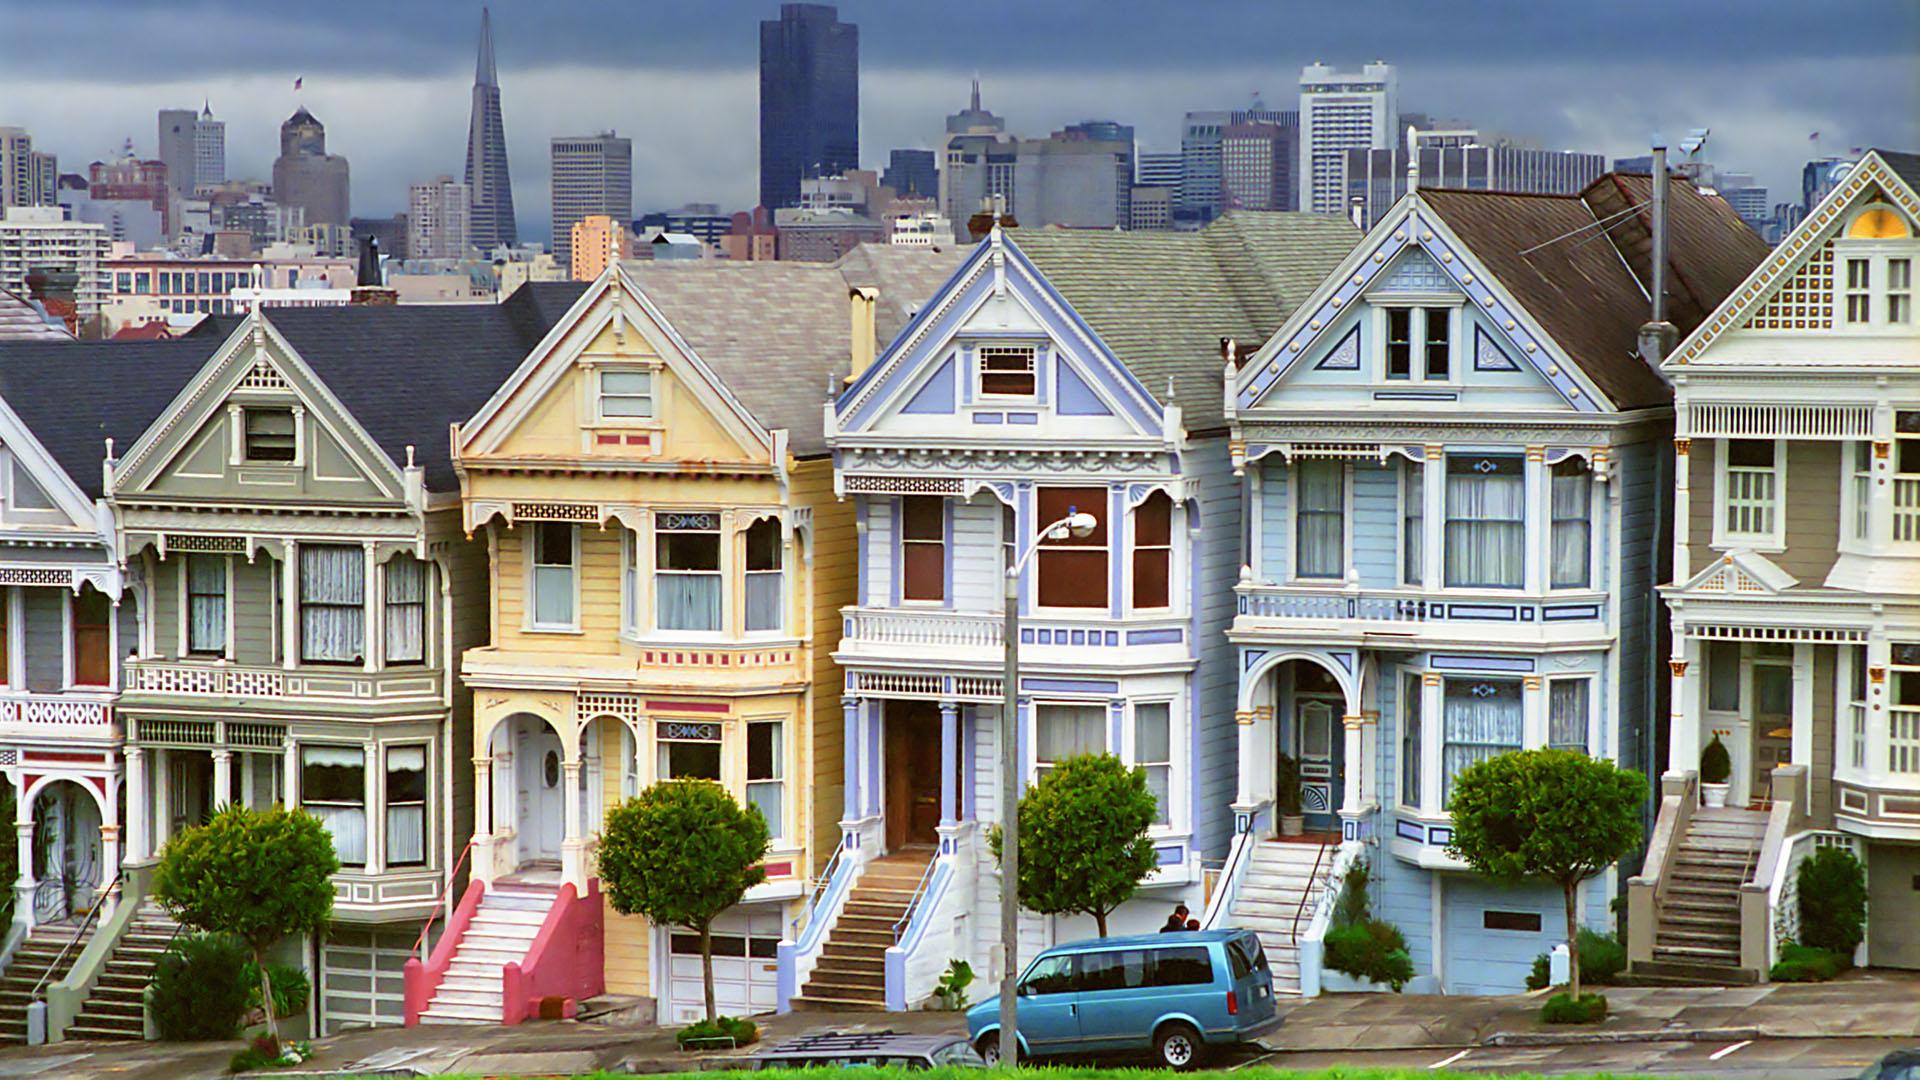 140 éves házat gurítottak arrébb San Francisco utcáin